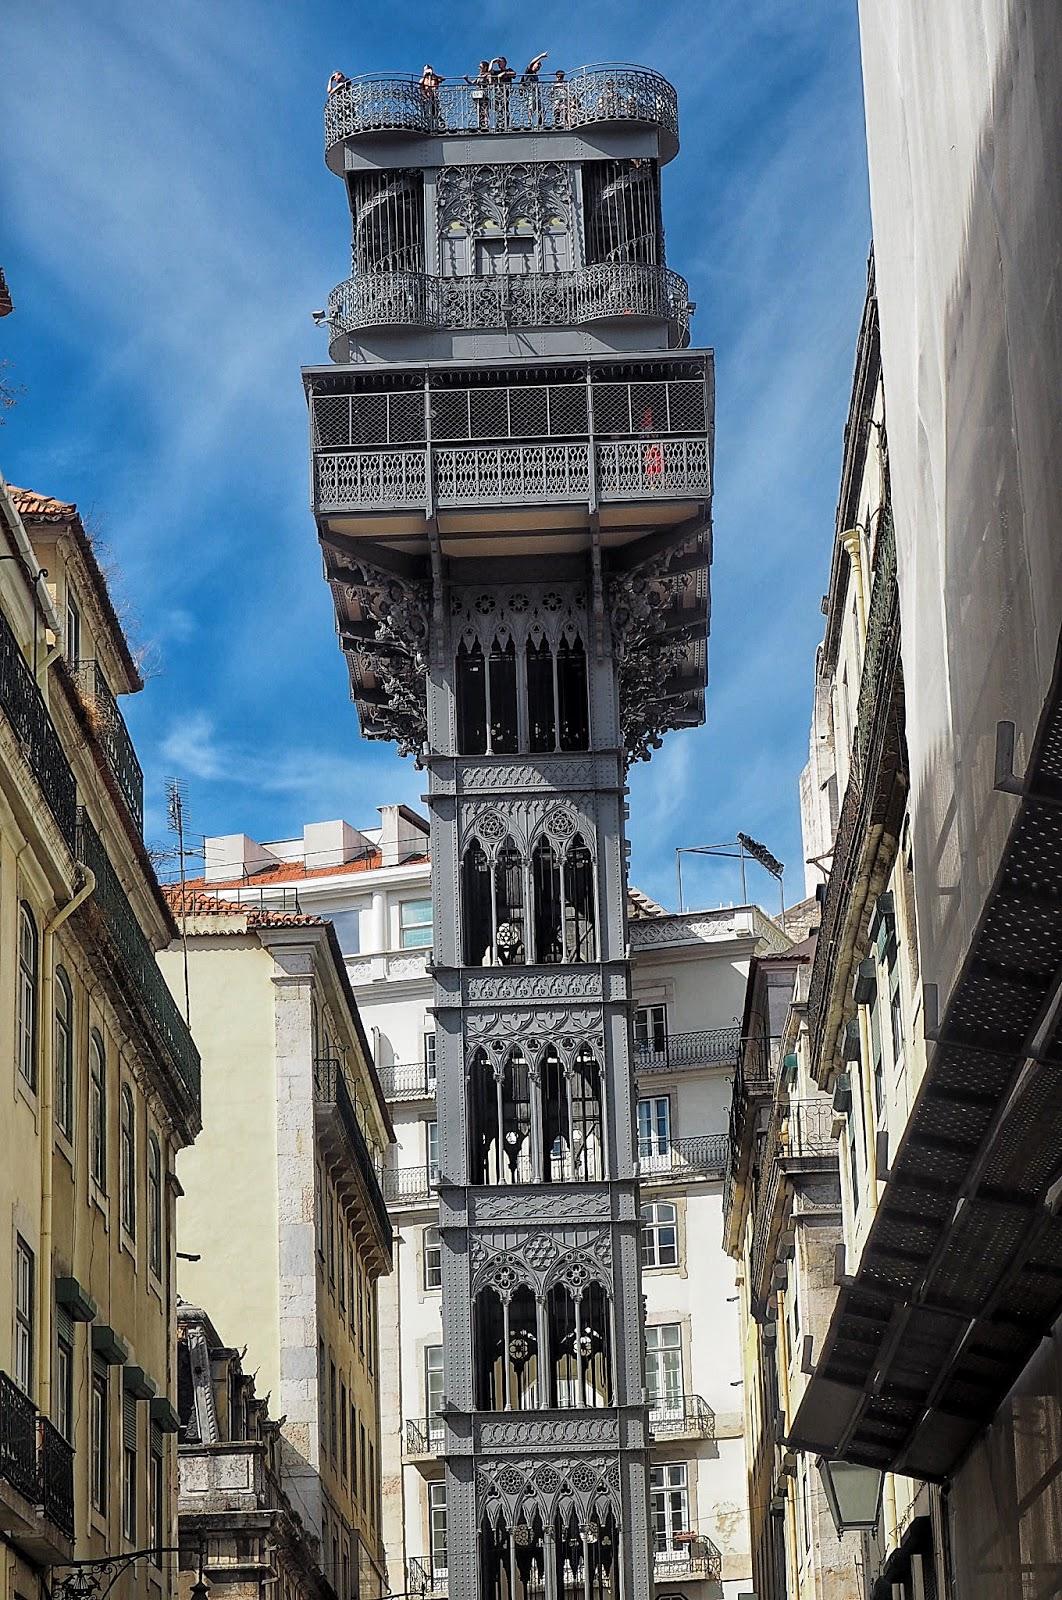 Looking up at the magnificent Santa Justa Lift